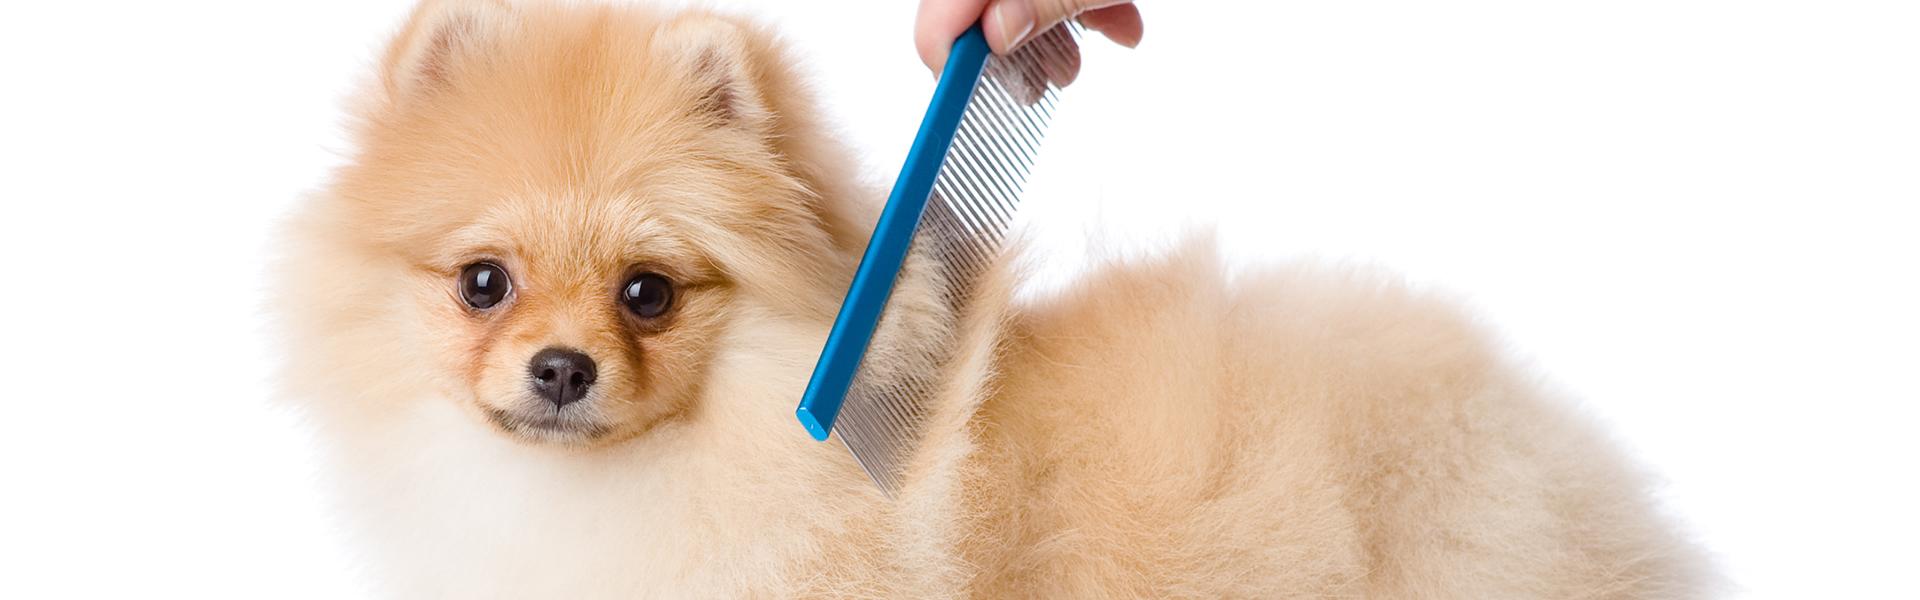 peluqueros-caninos-toledo